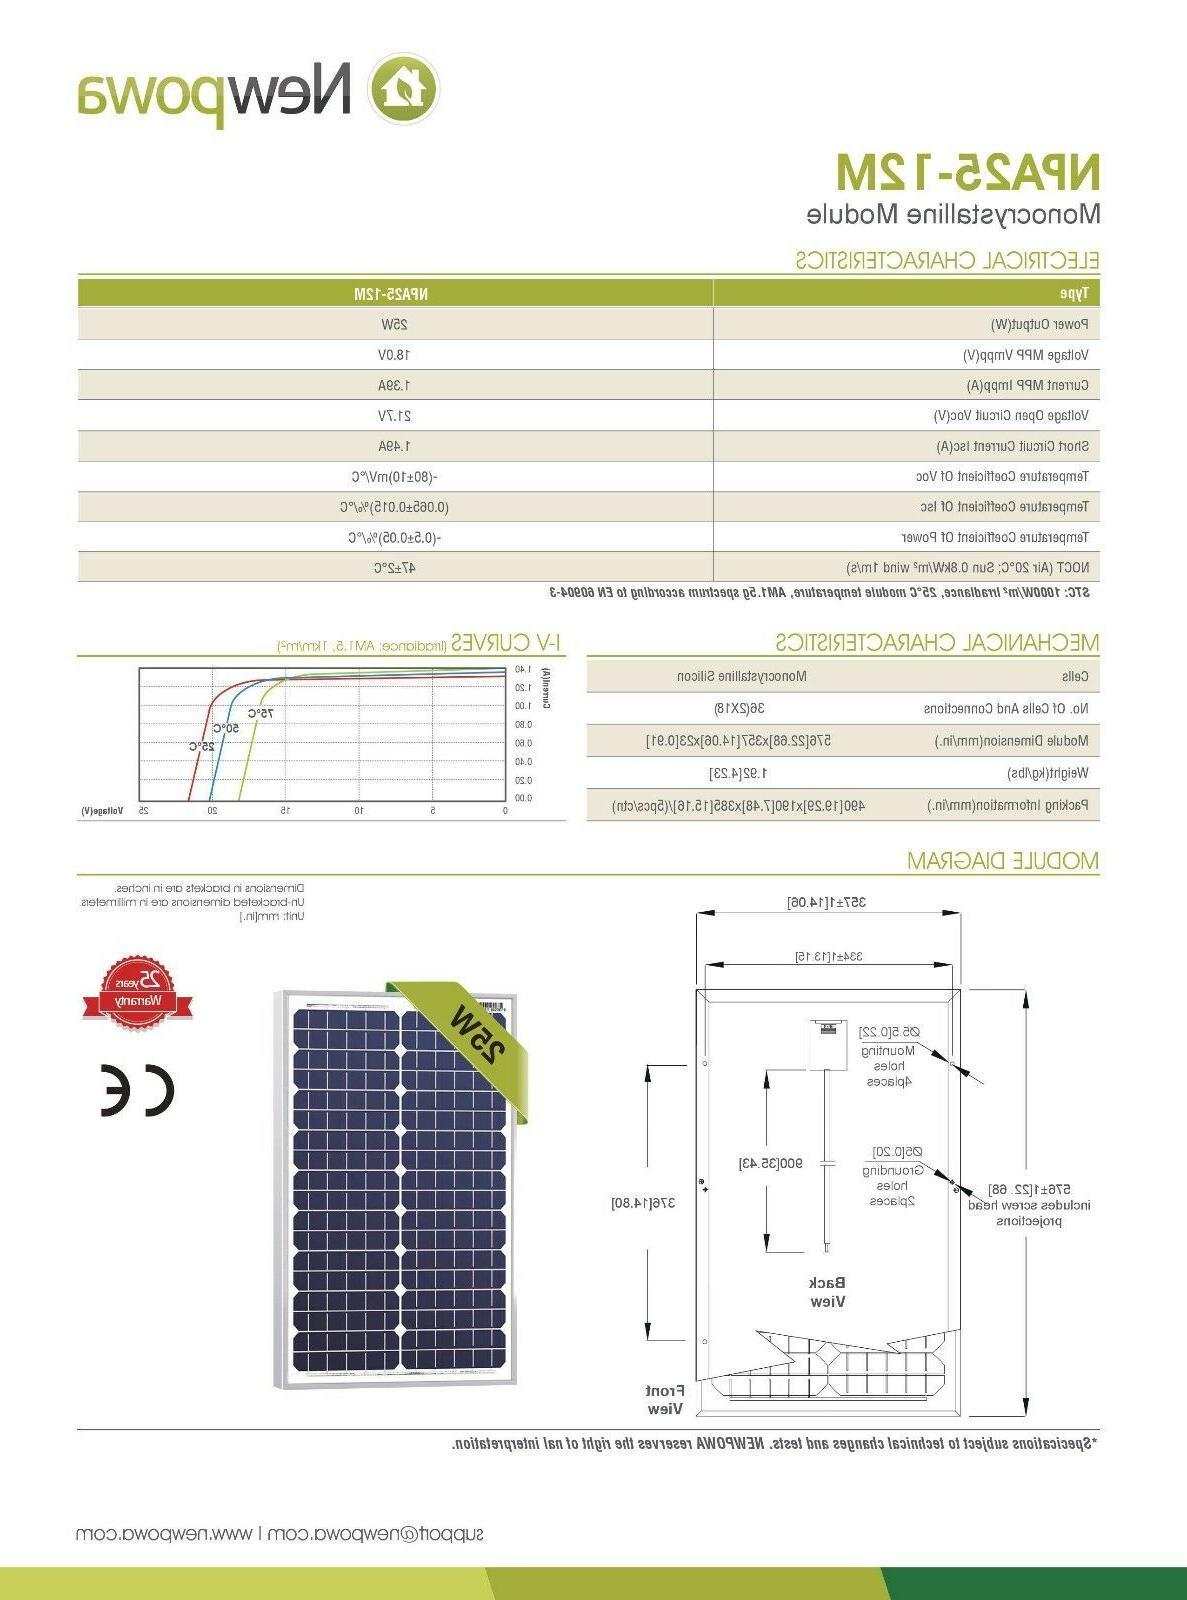 NewPowa 25W Effciency Module > Watt